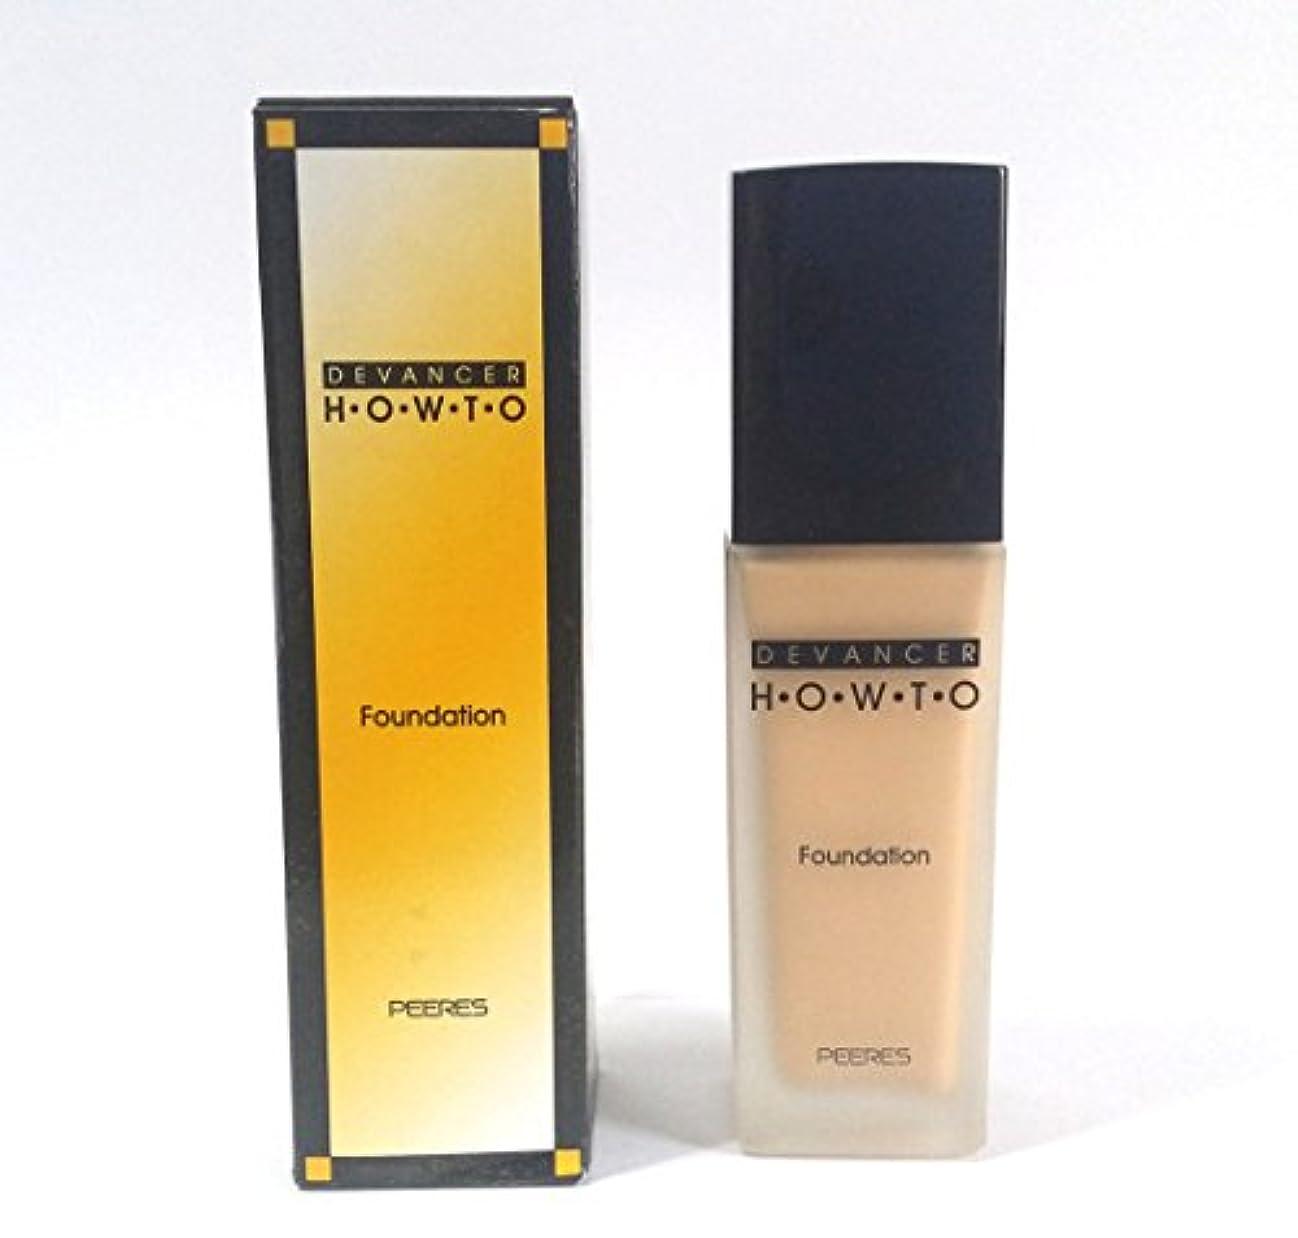 フローティングメナジェリー増幅[Devancer] ファンデーション#21ライトベージュ45g / 韓国化粧品 / Foundation #21 Light Beige 45g / Korea Cosmetics [並行輸入品]